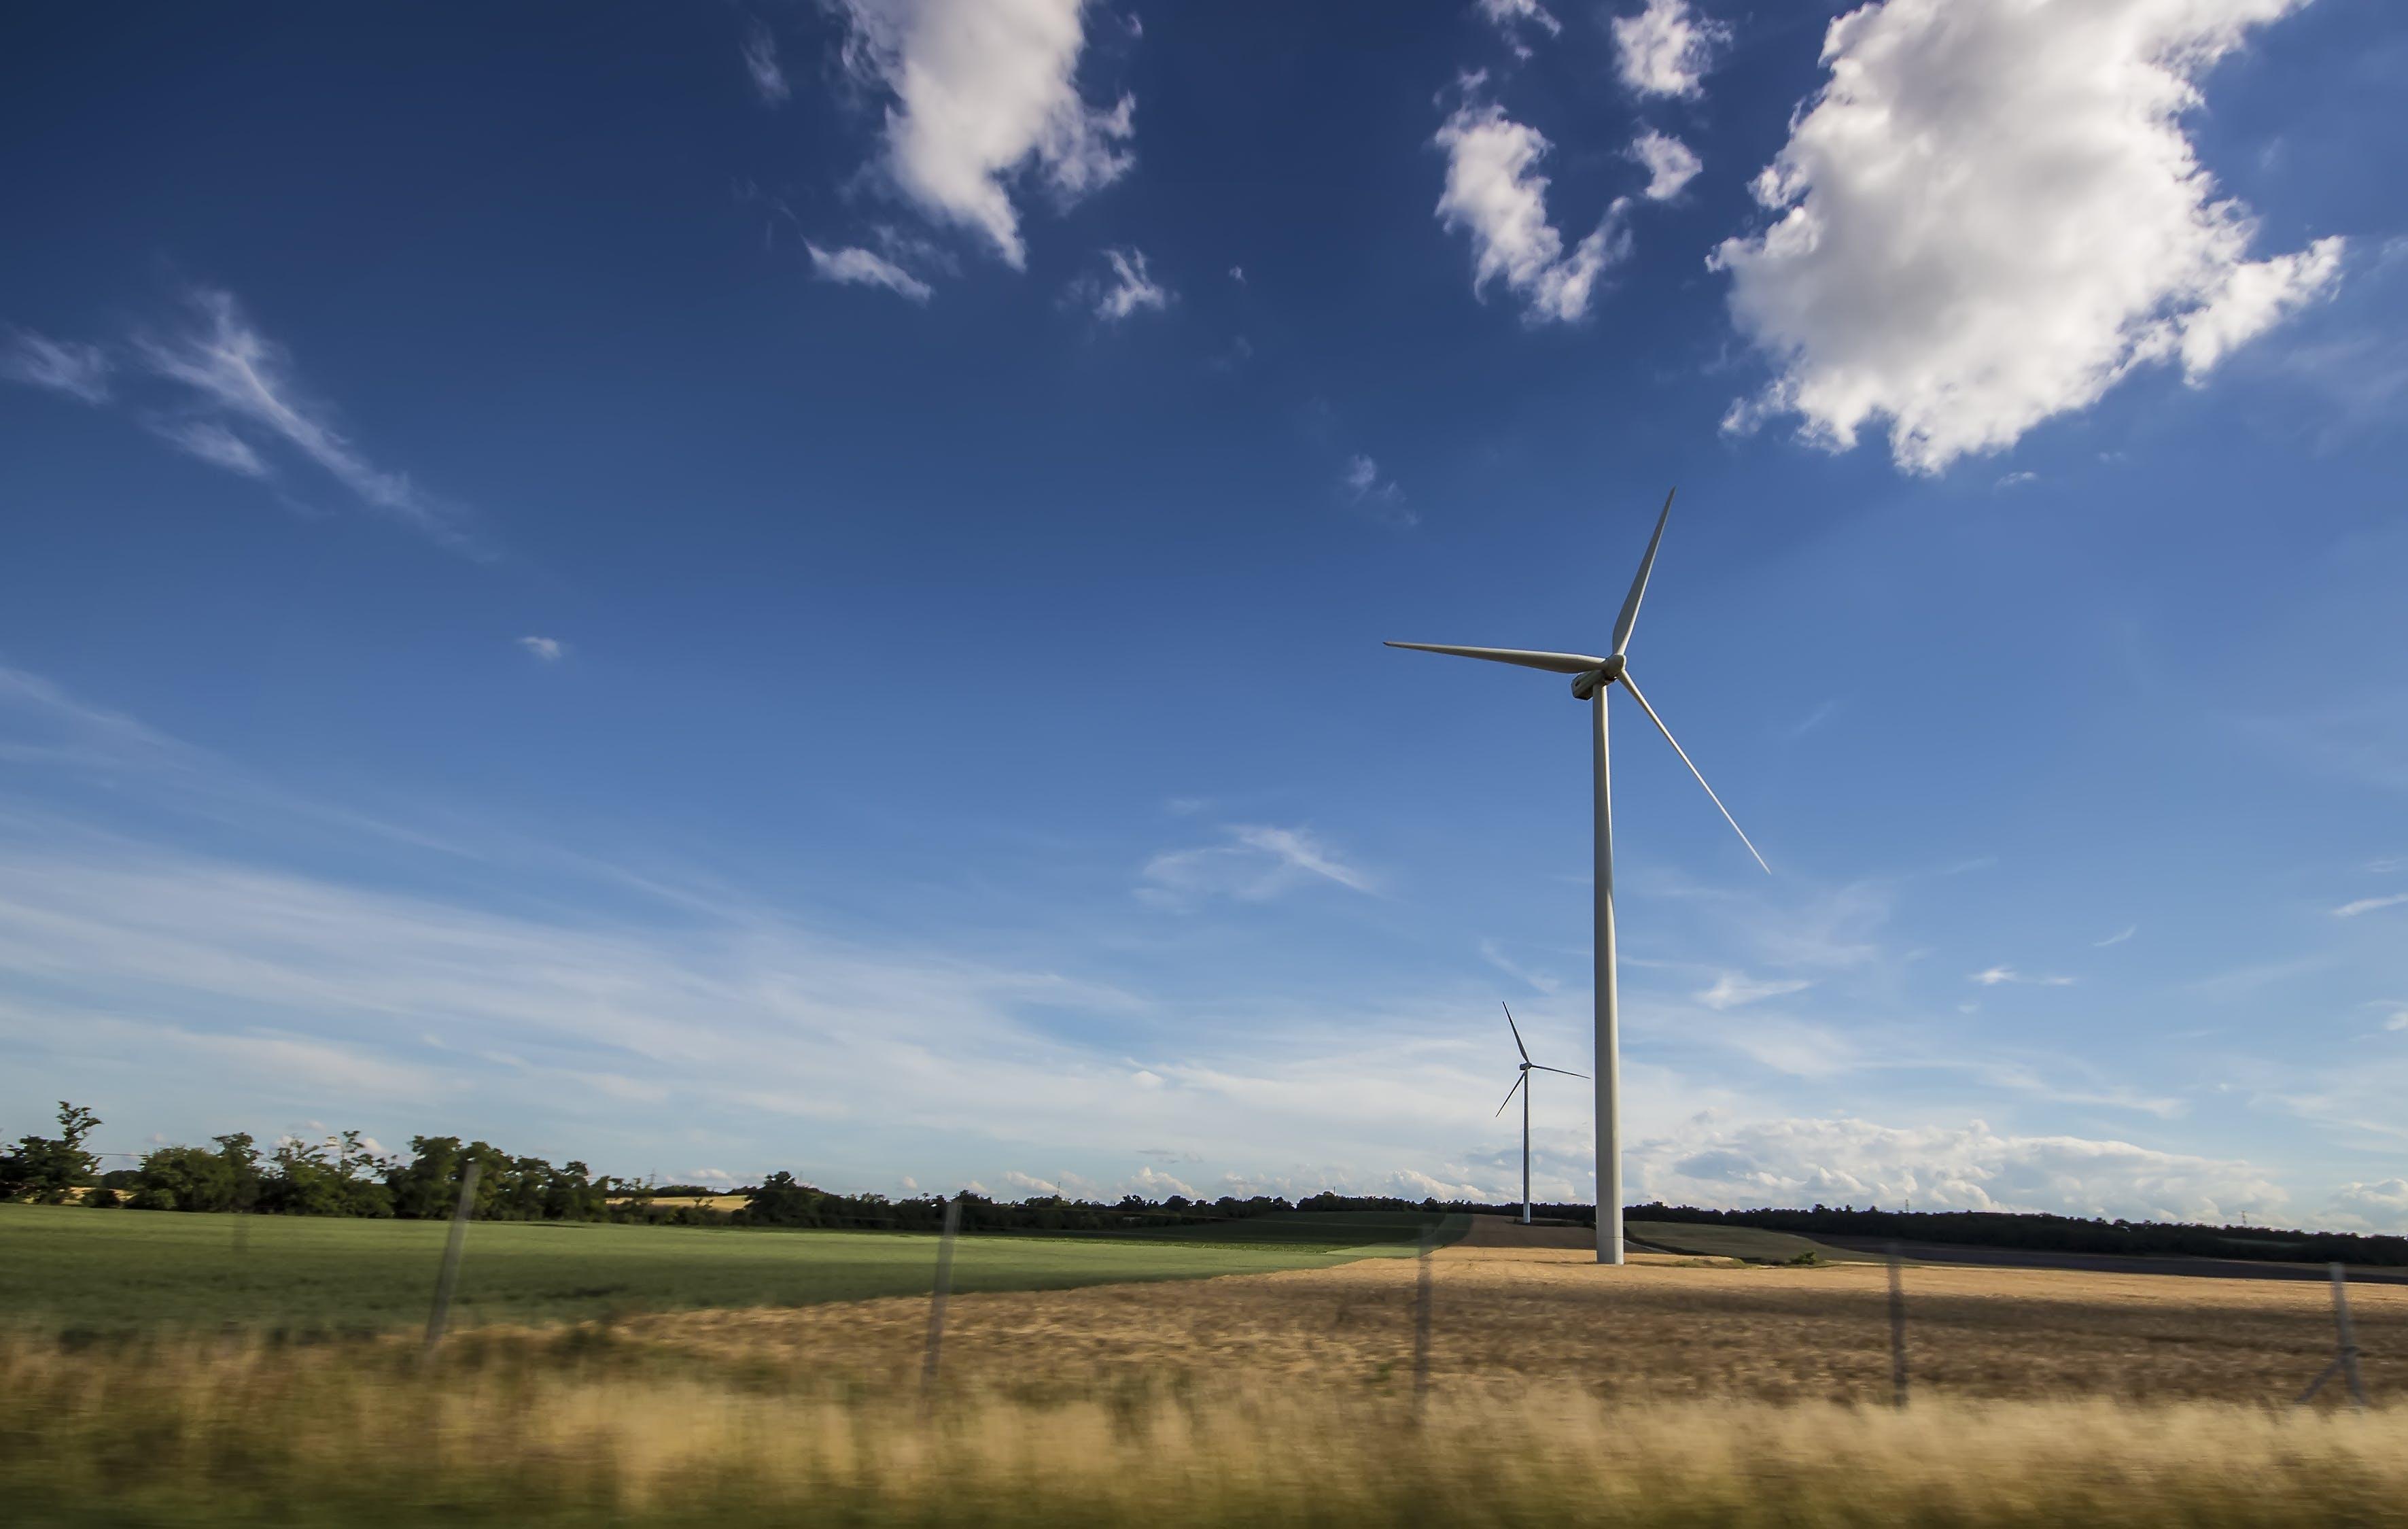 Fotos de stock gratuitas de campo, cielo, energía, energía renovable